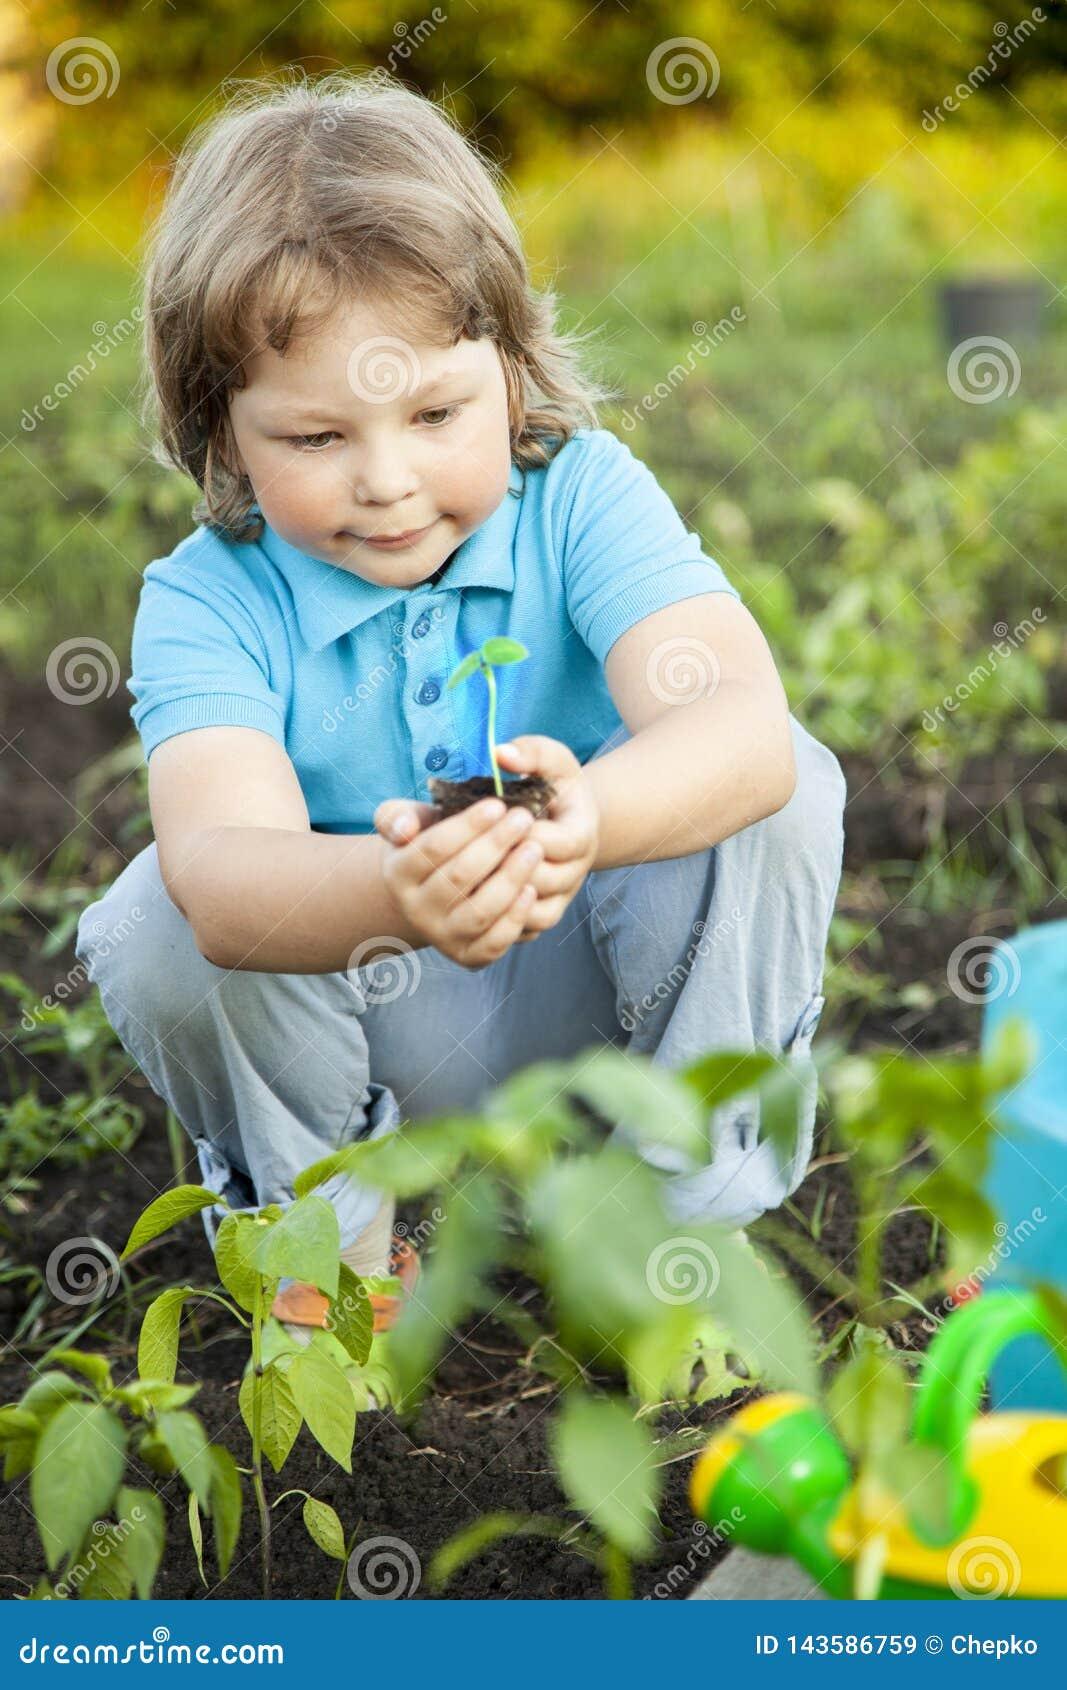 男孩在庭院在种植前敬佩植物 绿色新芽对于儿童手